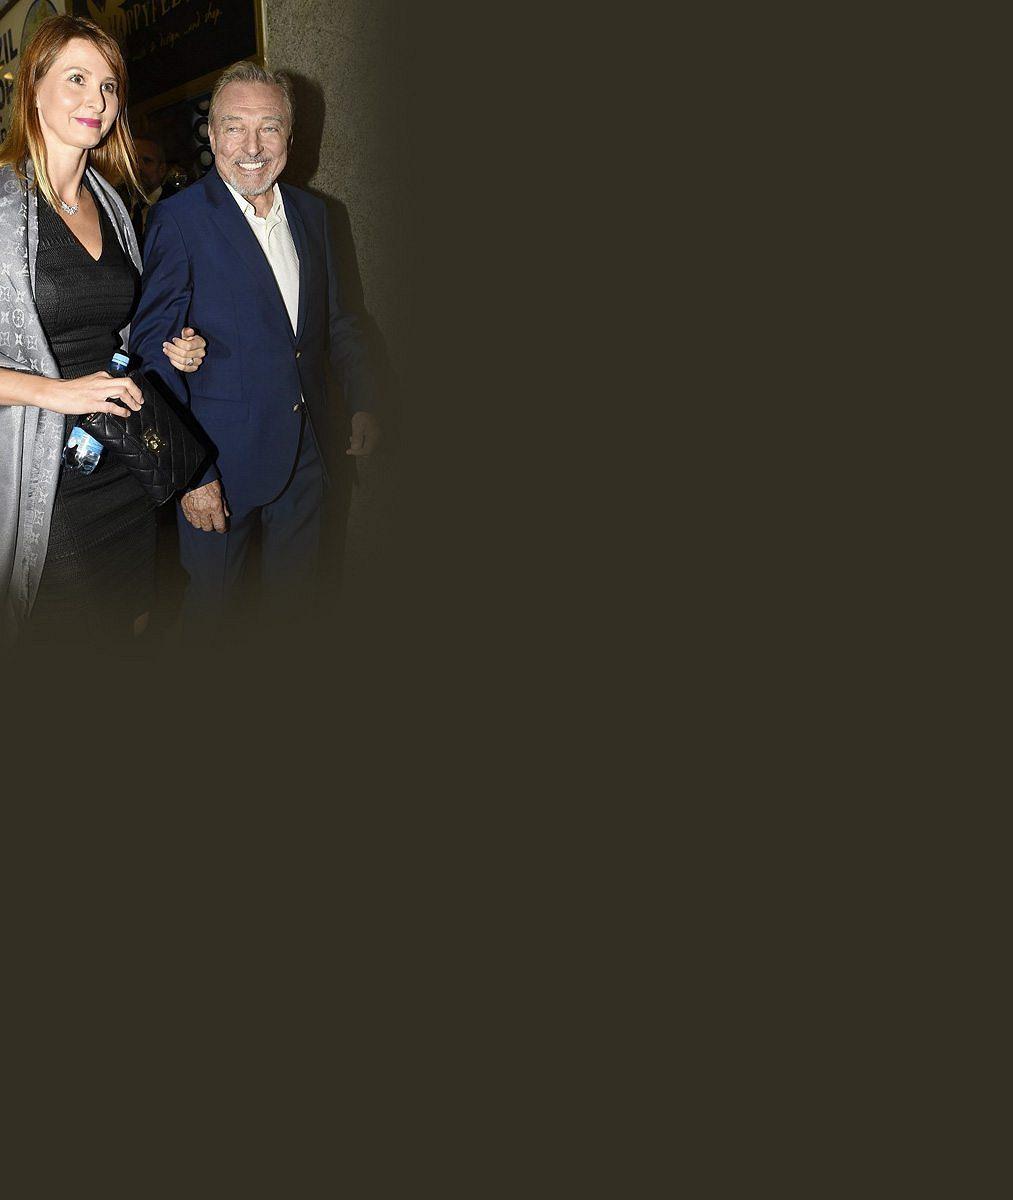 Tady se na fotografy usmívala: Mrkněte, jak se 26letá Ivana Macháčková v tělovém topu dvořila Karlu Gottovi